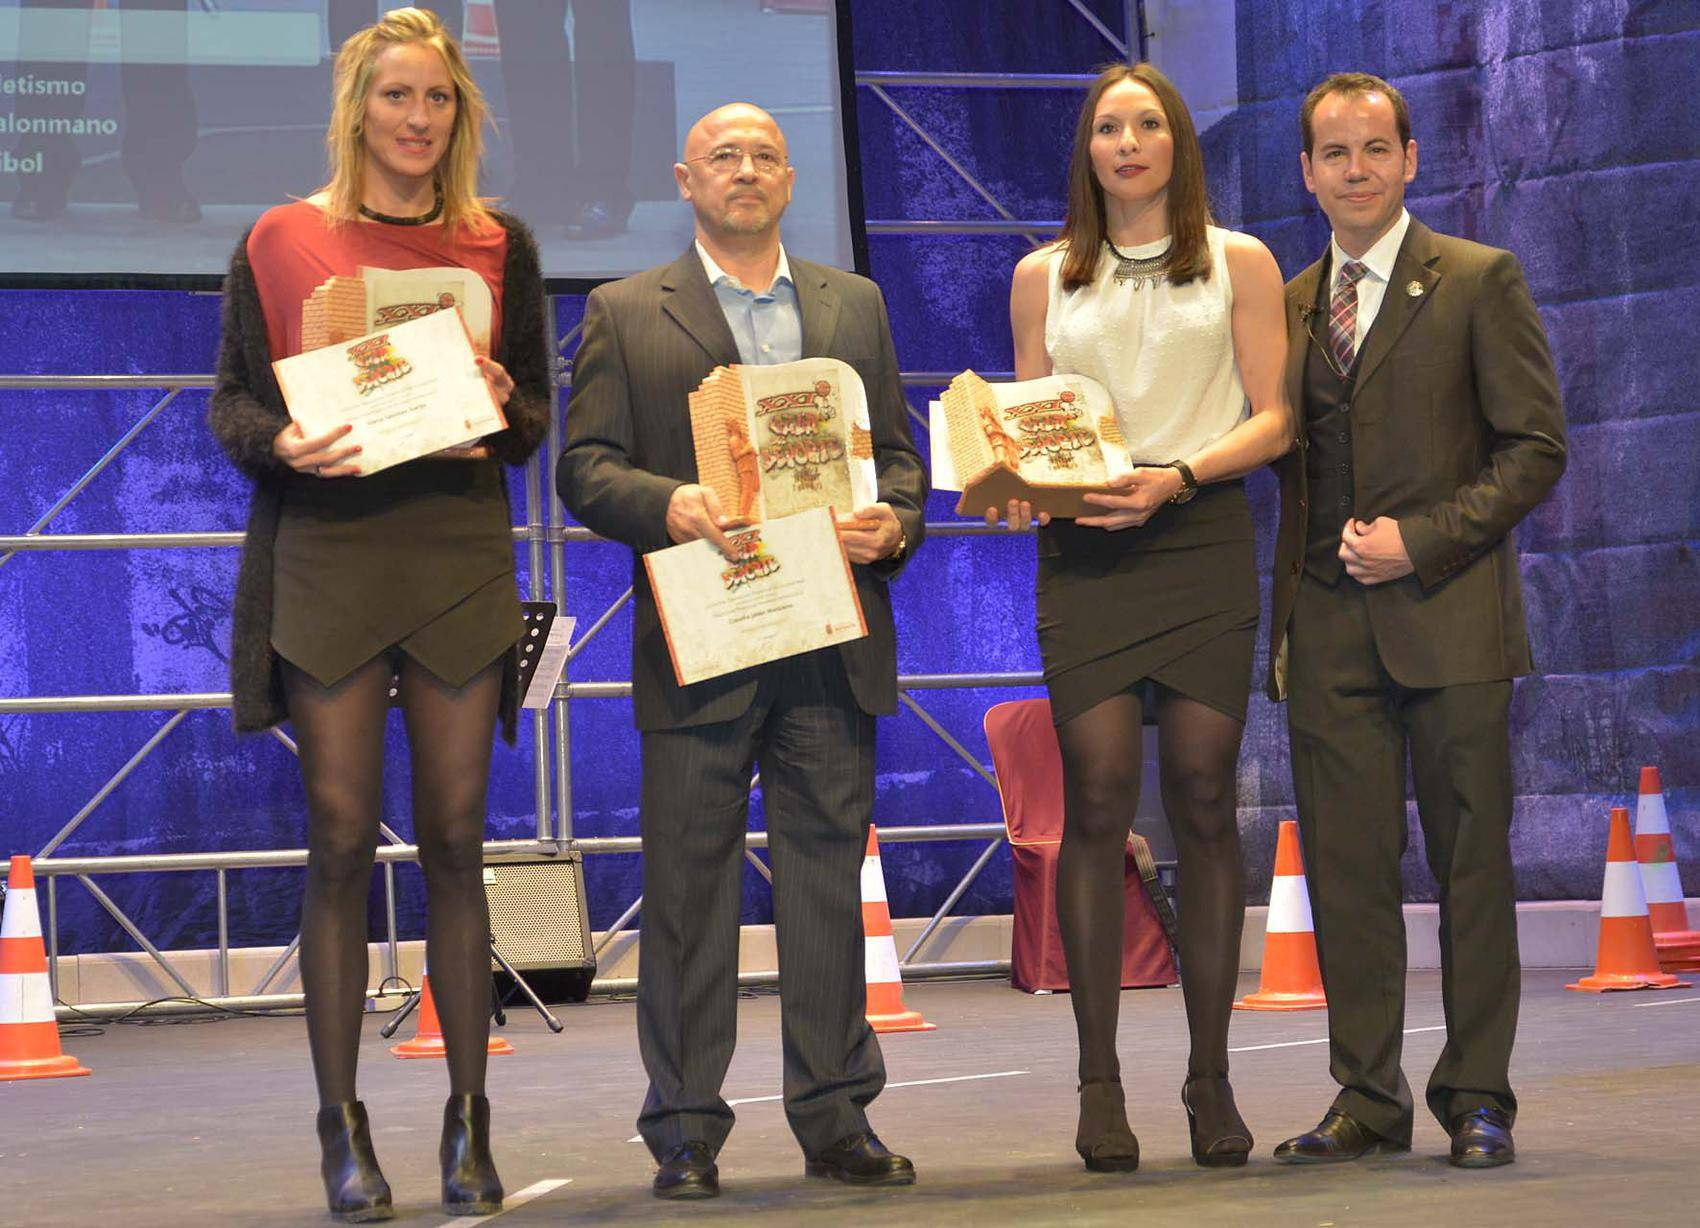 entrega de premios gala del deporte provincial de ciudad real en Herencia3 - Los mejores deportistas de la provincia son premiados en Herencia